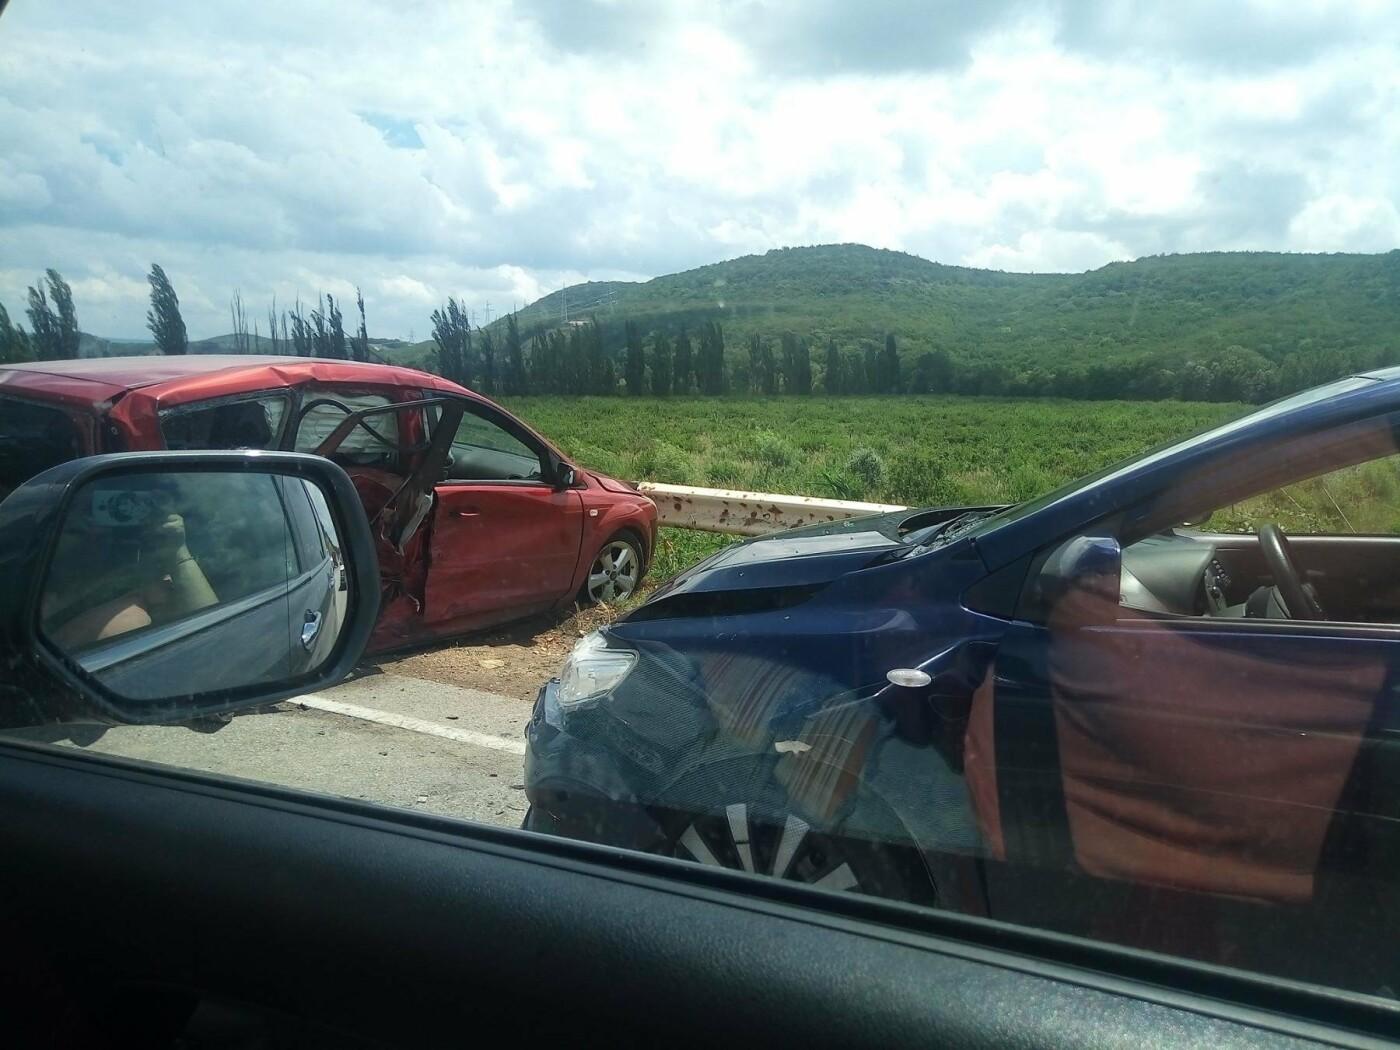 На трассе Симферополь-Севастополь столкнулись три легковушки: один из водителей в реанимации (ФОТО, изменено), фото-2